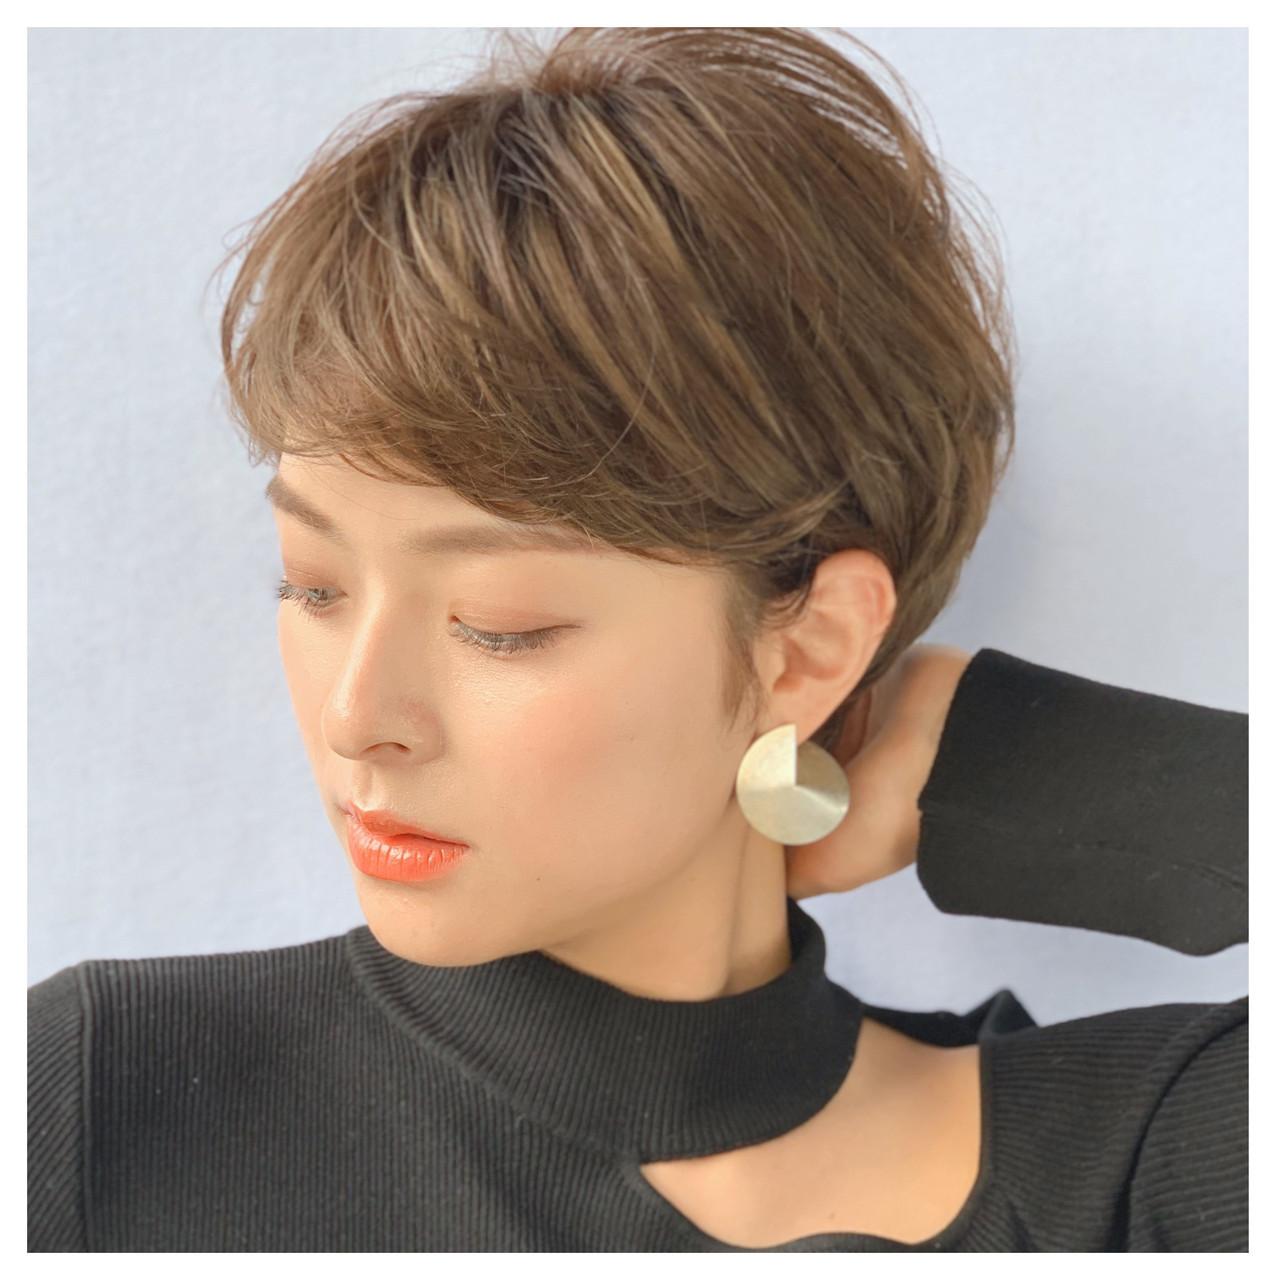 レイヤーカット 春ヘア ベージュ 大人かわいい ヘアスタイルや髪型の写真・画像